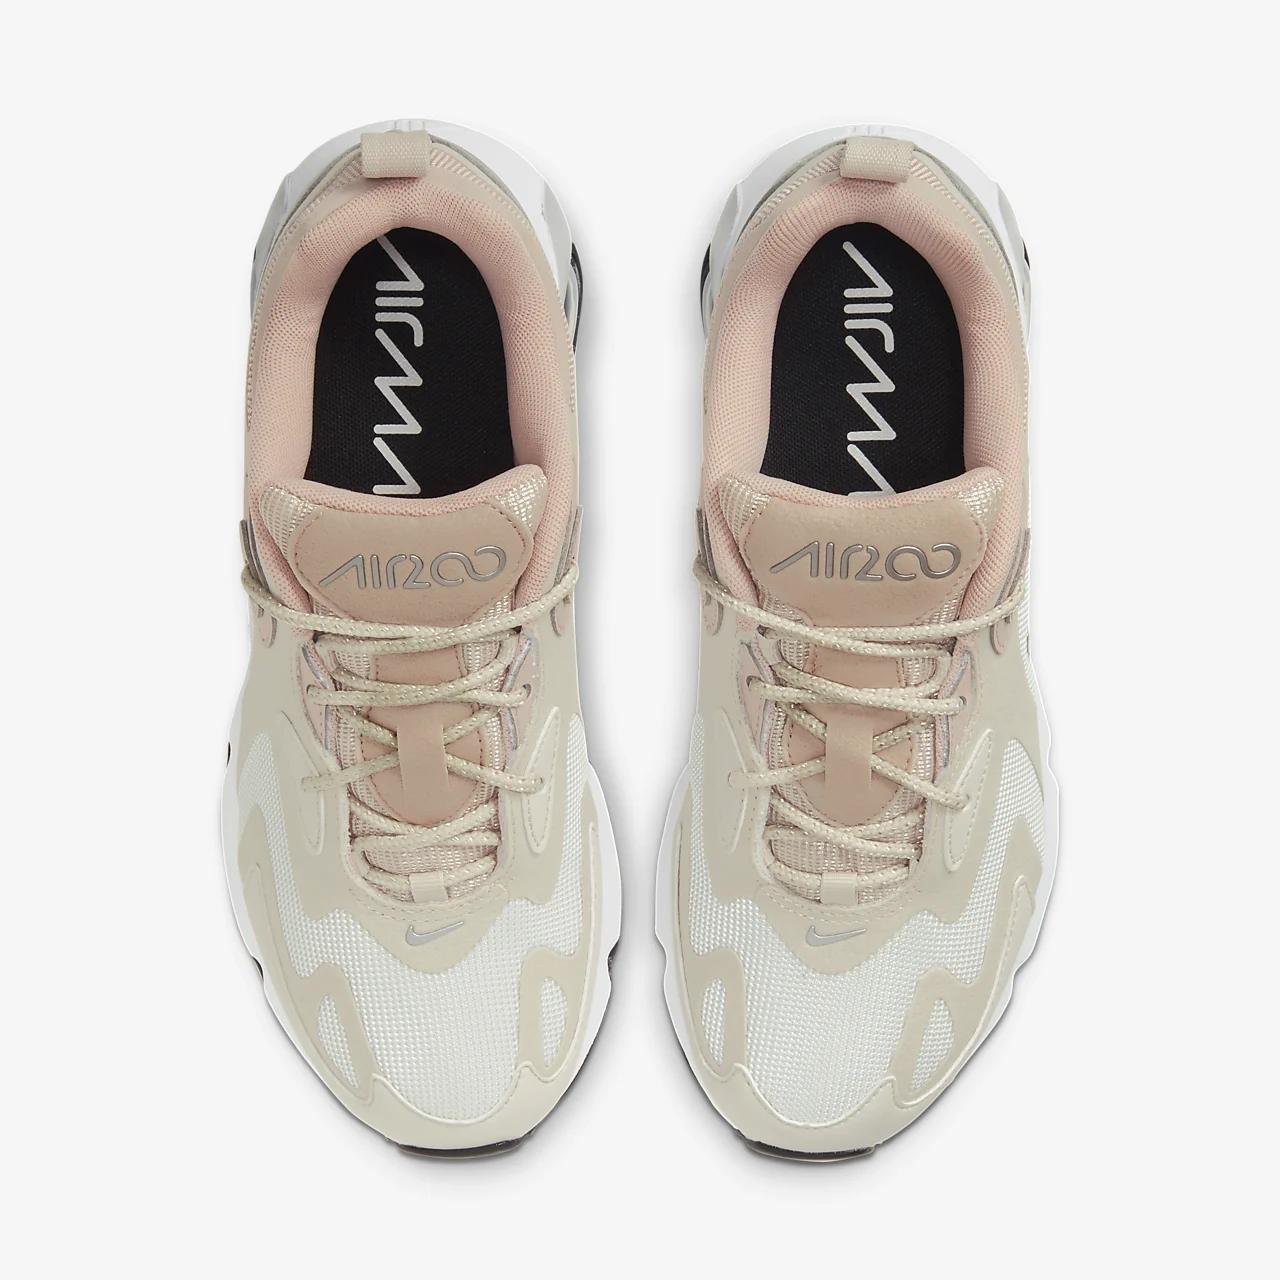 유럽직배송 나이키 NIKE Nike Air Max 200 Women's Shoe CJ0629-102